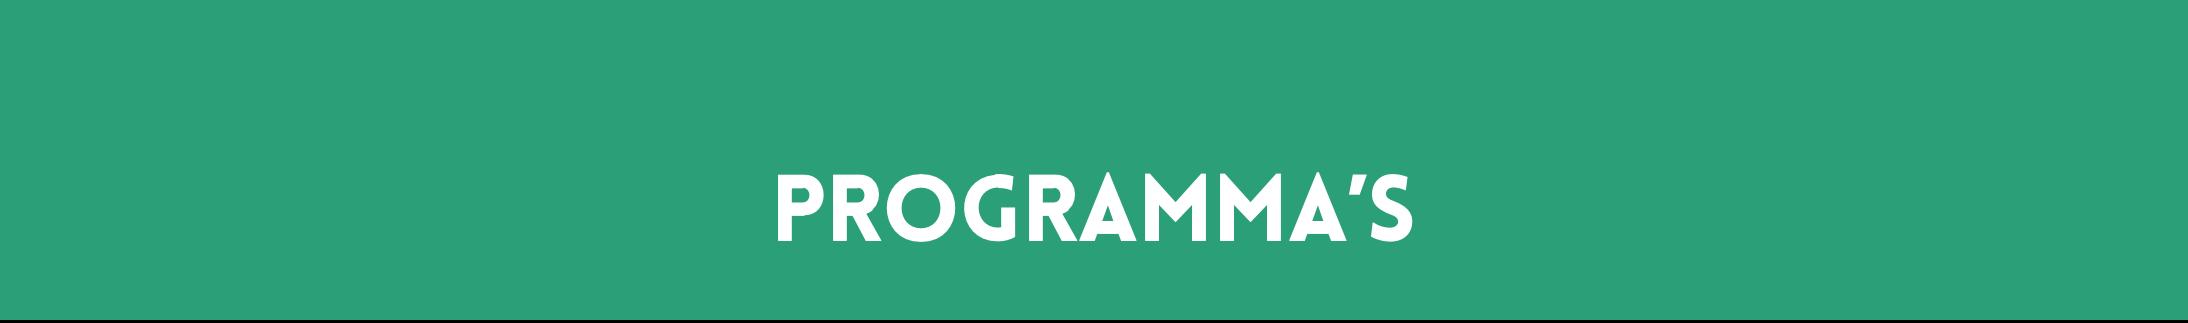 Programma Banner - De Kwekerij